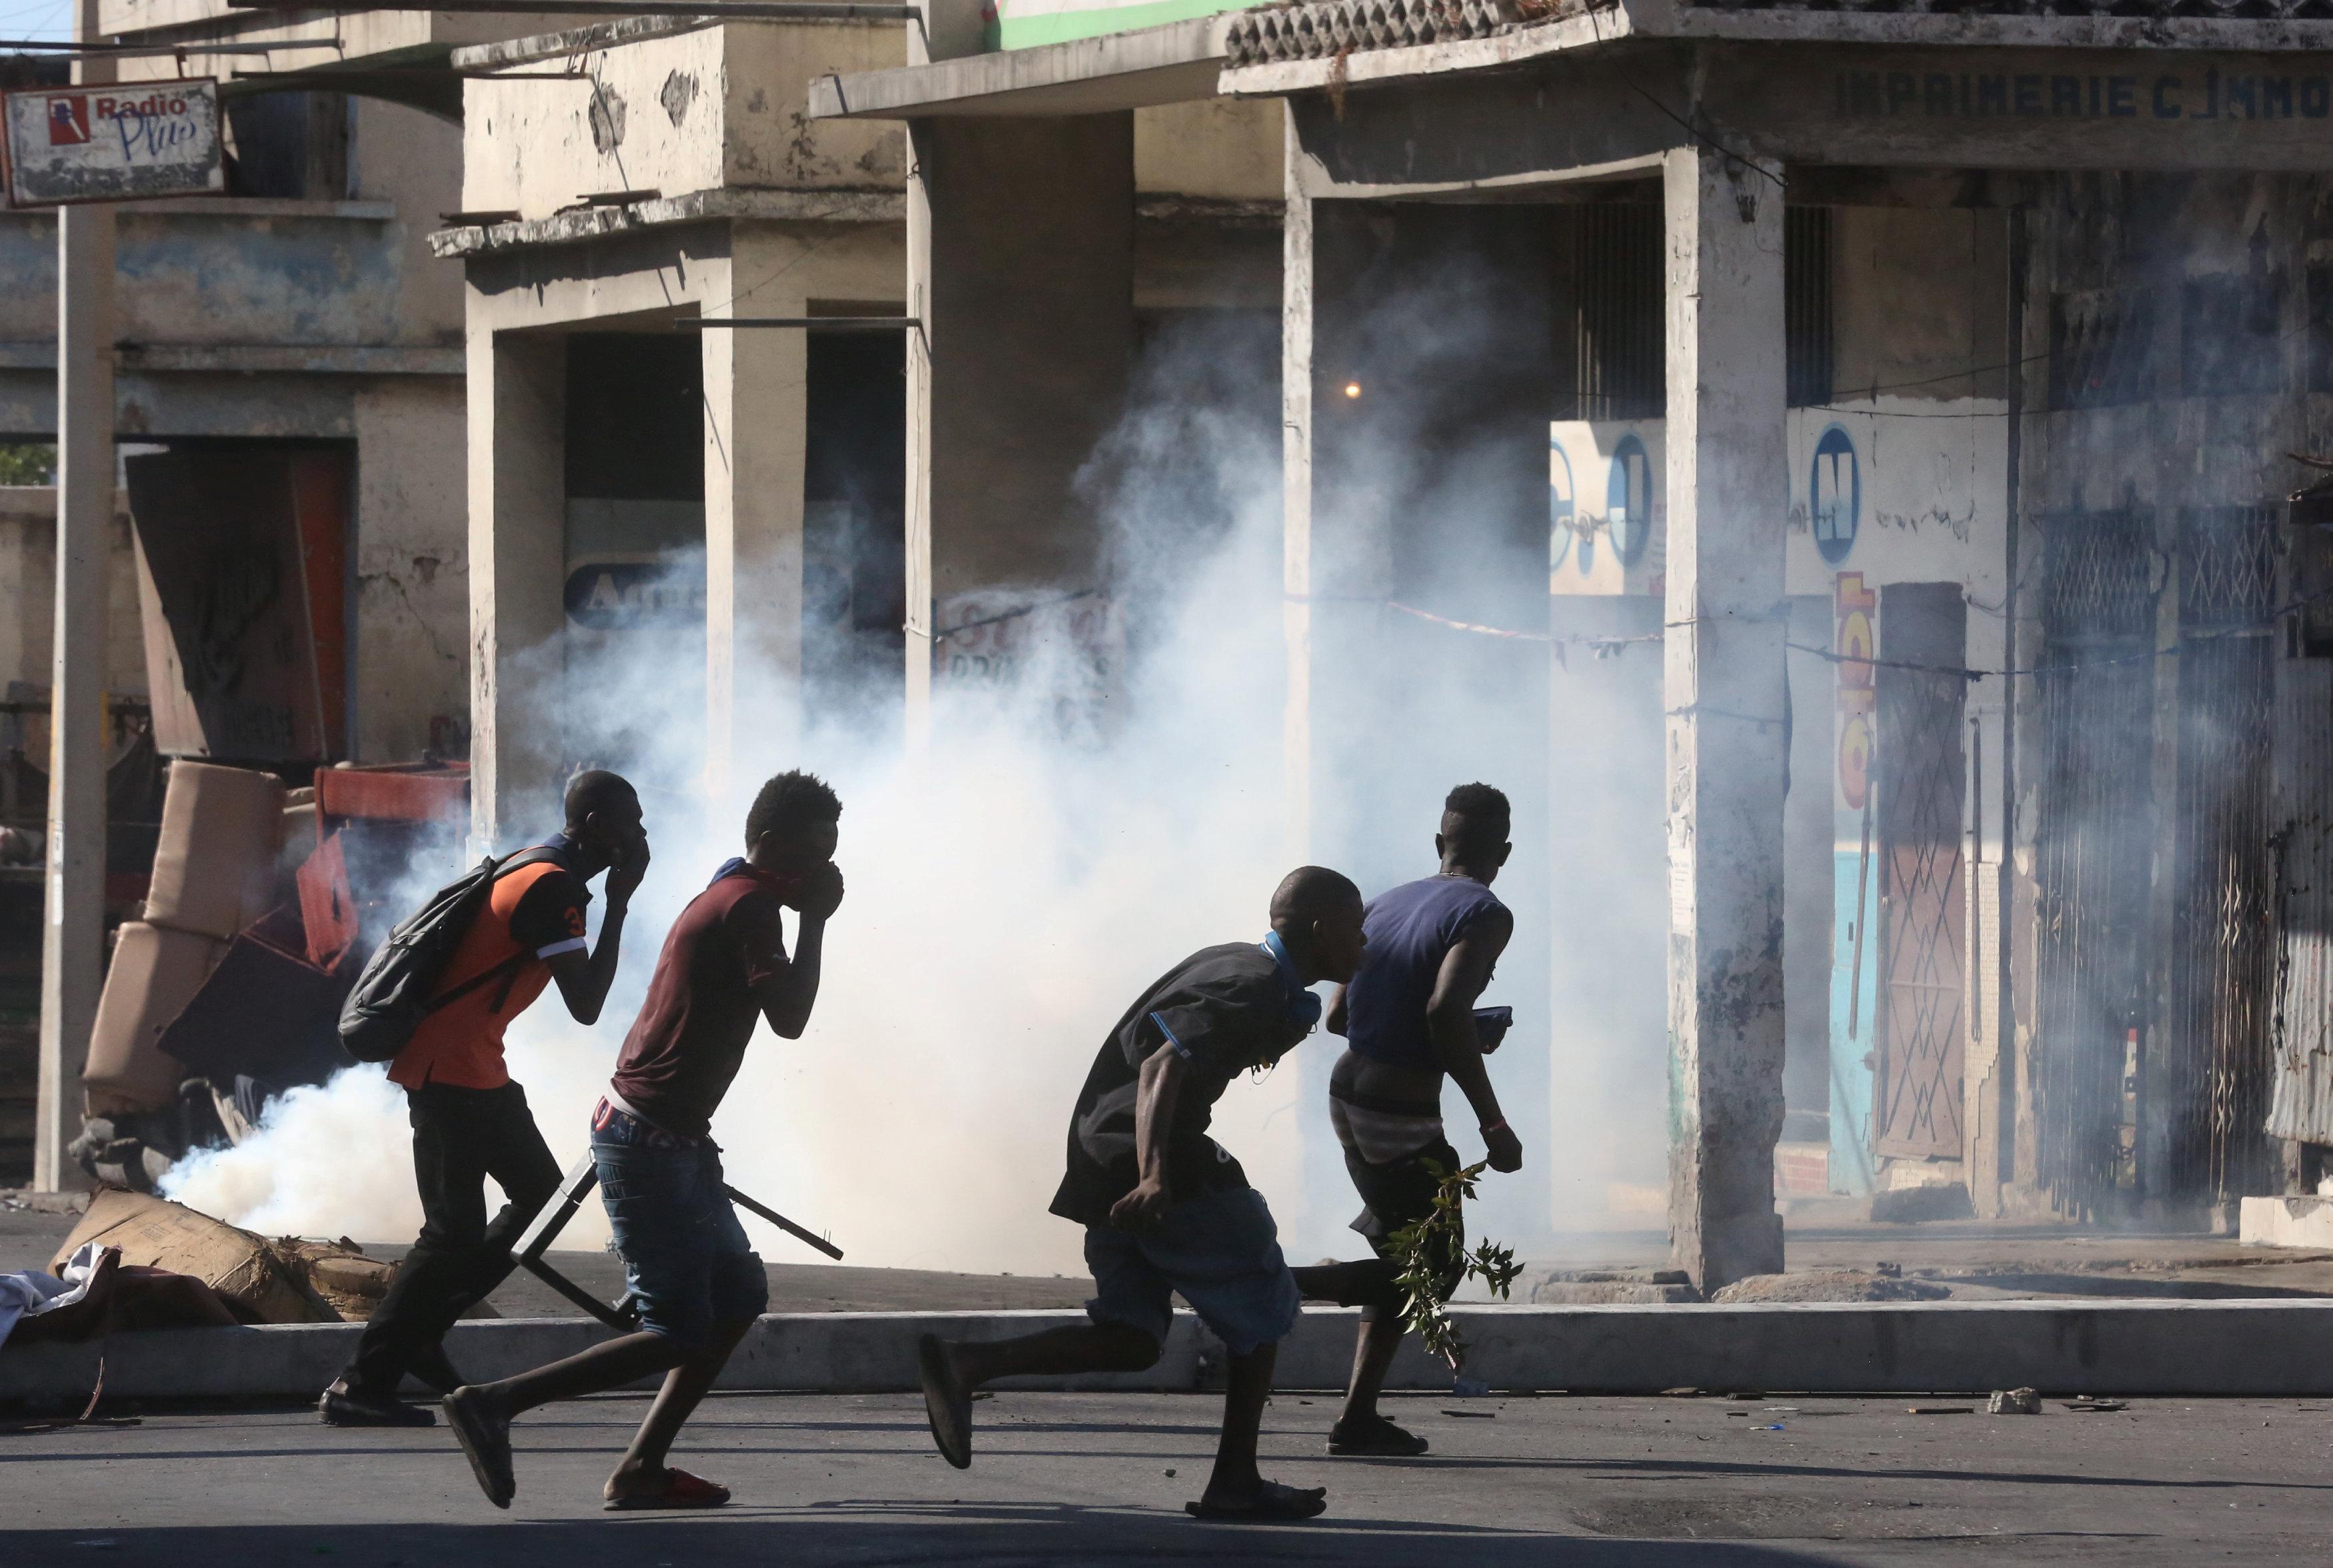 شوارع هايتى تتحول لساحة حرب خلال مظاهرات عنيفة  (4)